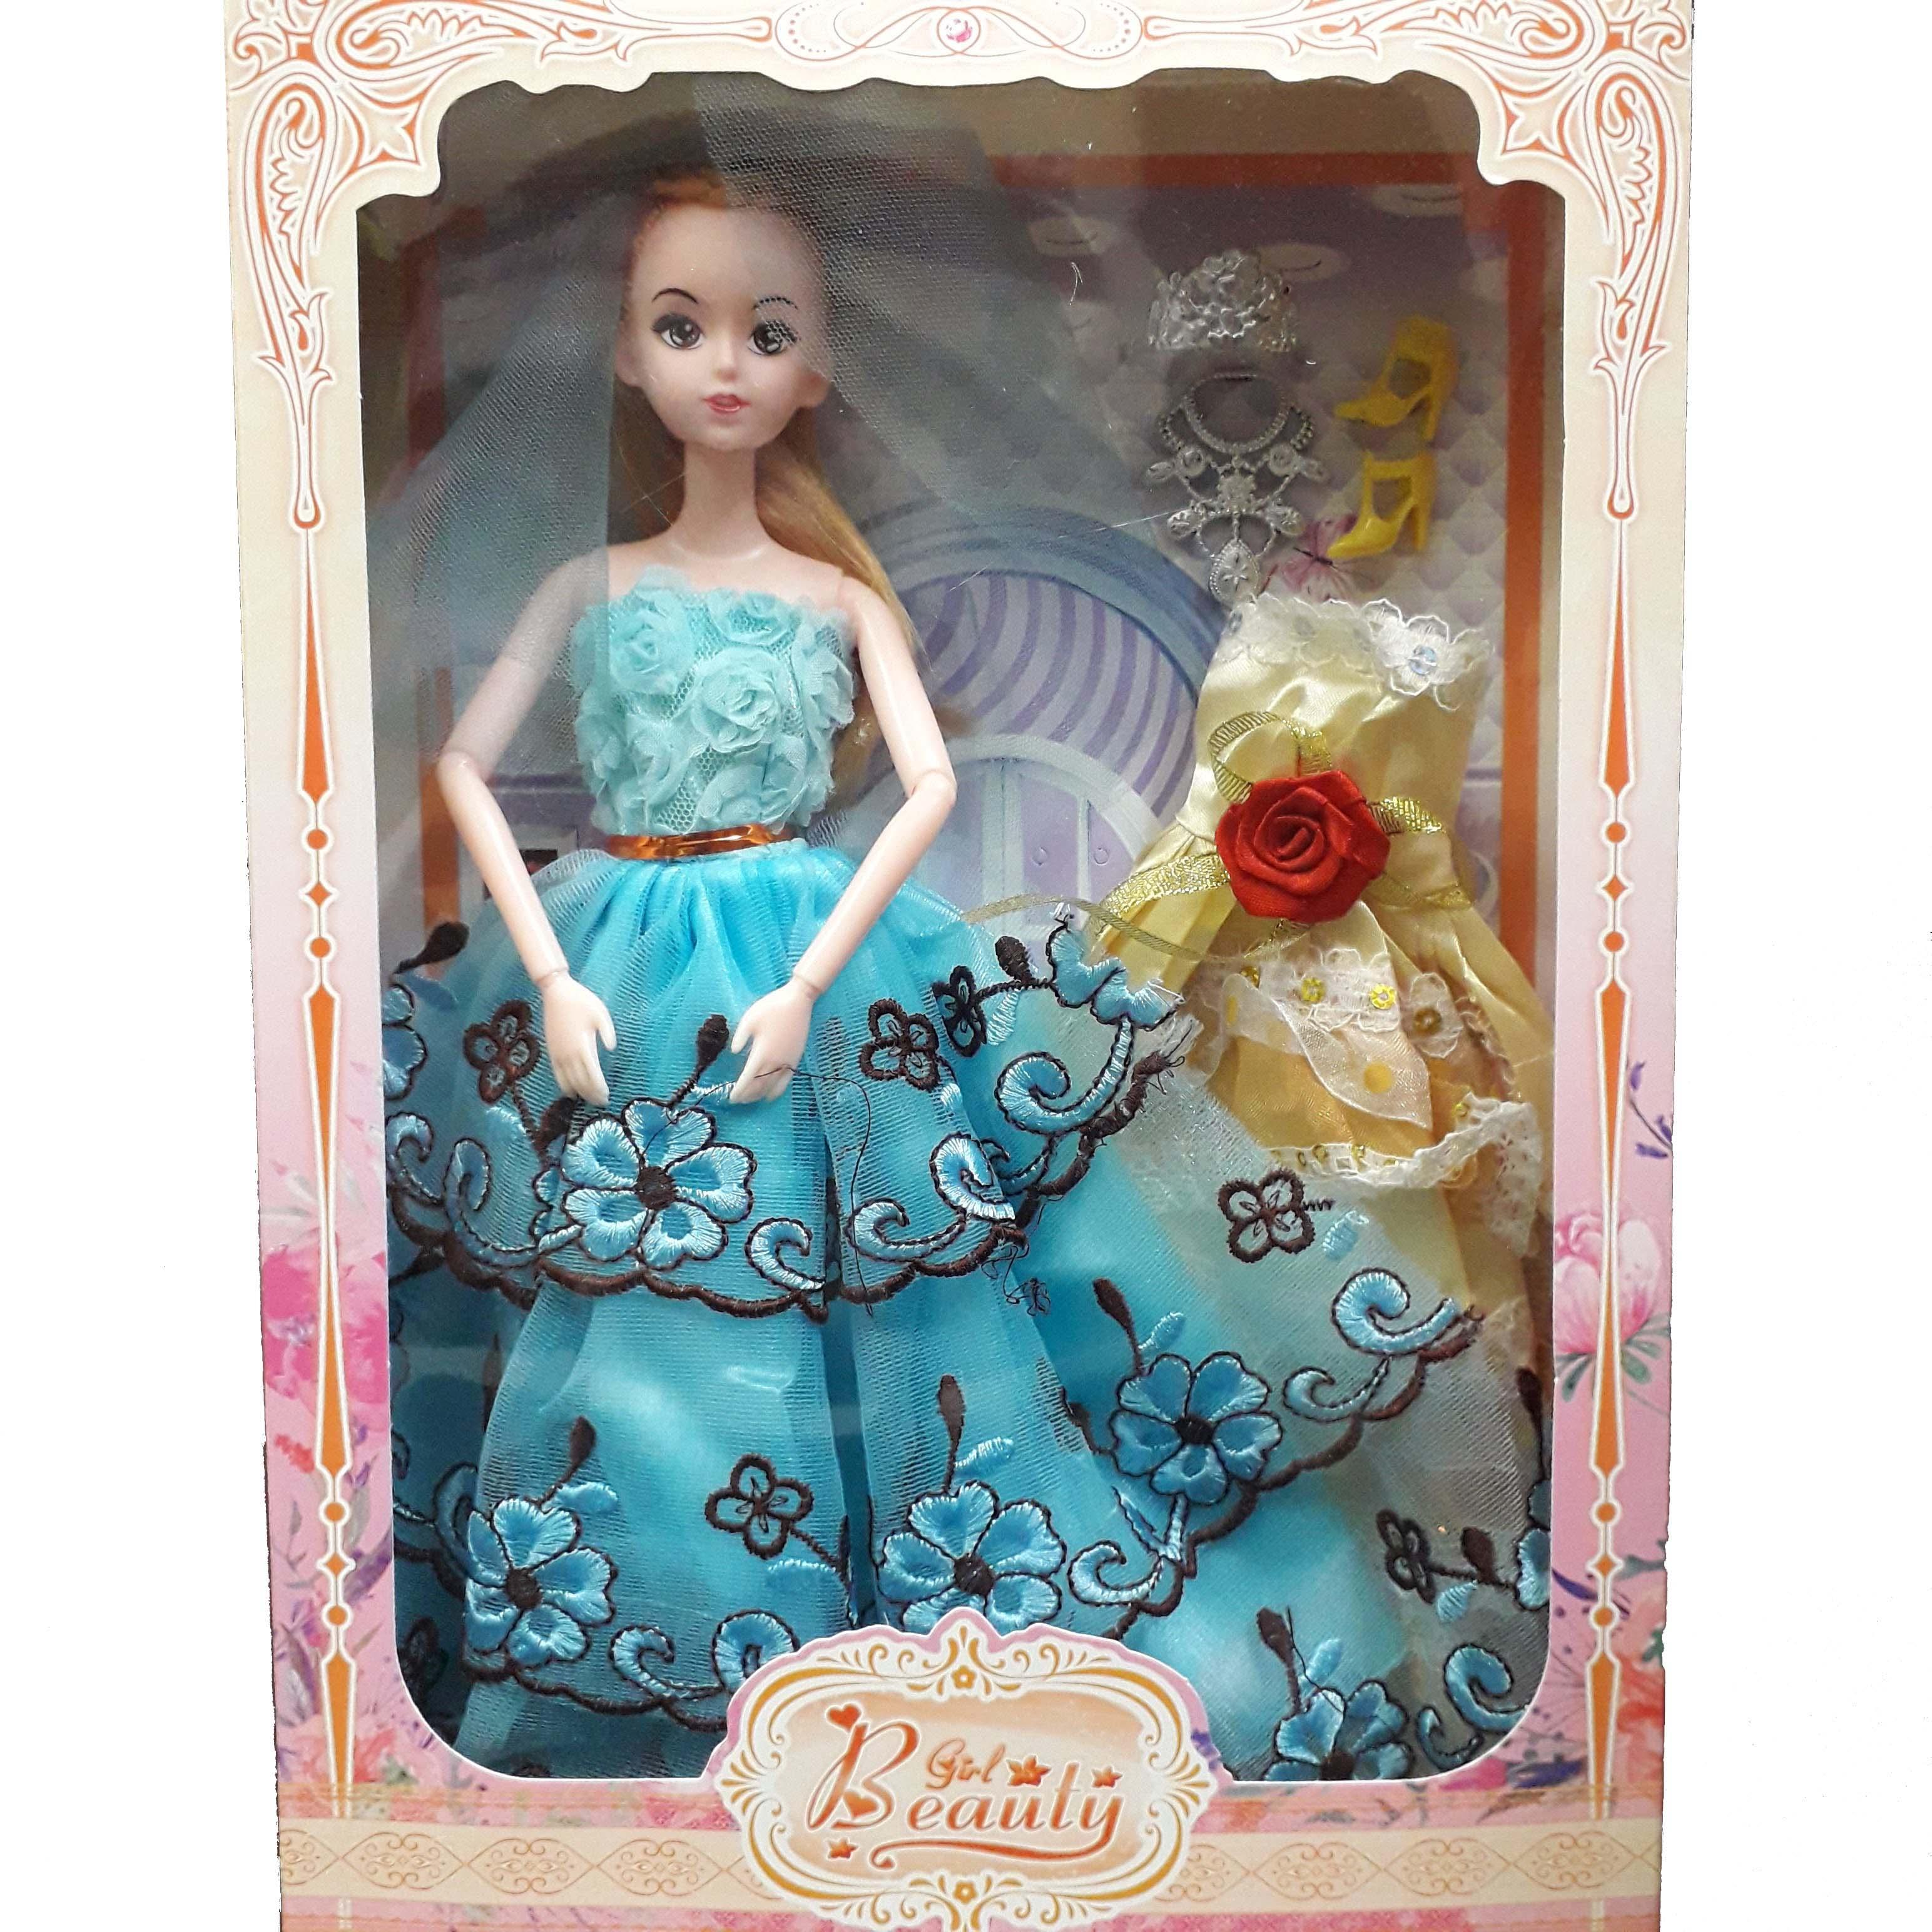 Búp bê Barbie Cô dâu - Công chúa - Đồ chơi cho bé giá tốt nhất 8/2021 -  BeeCost